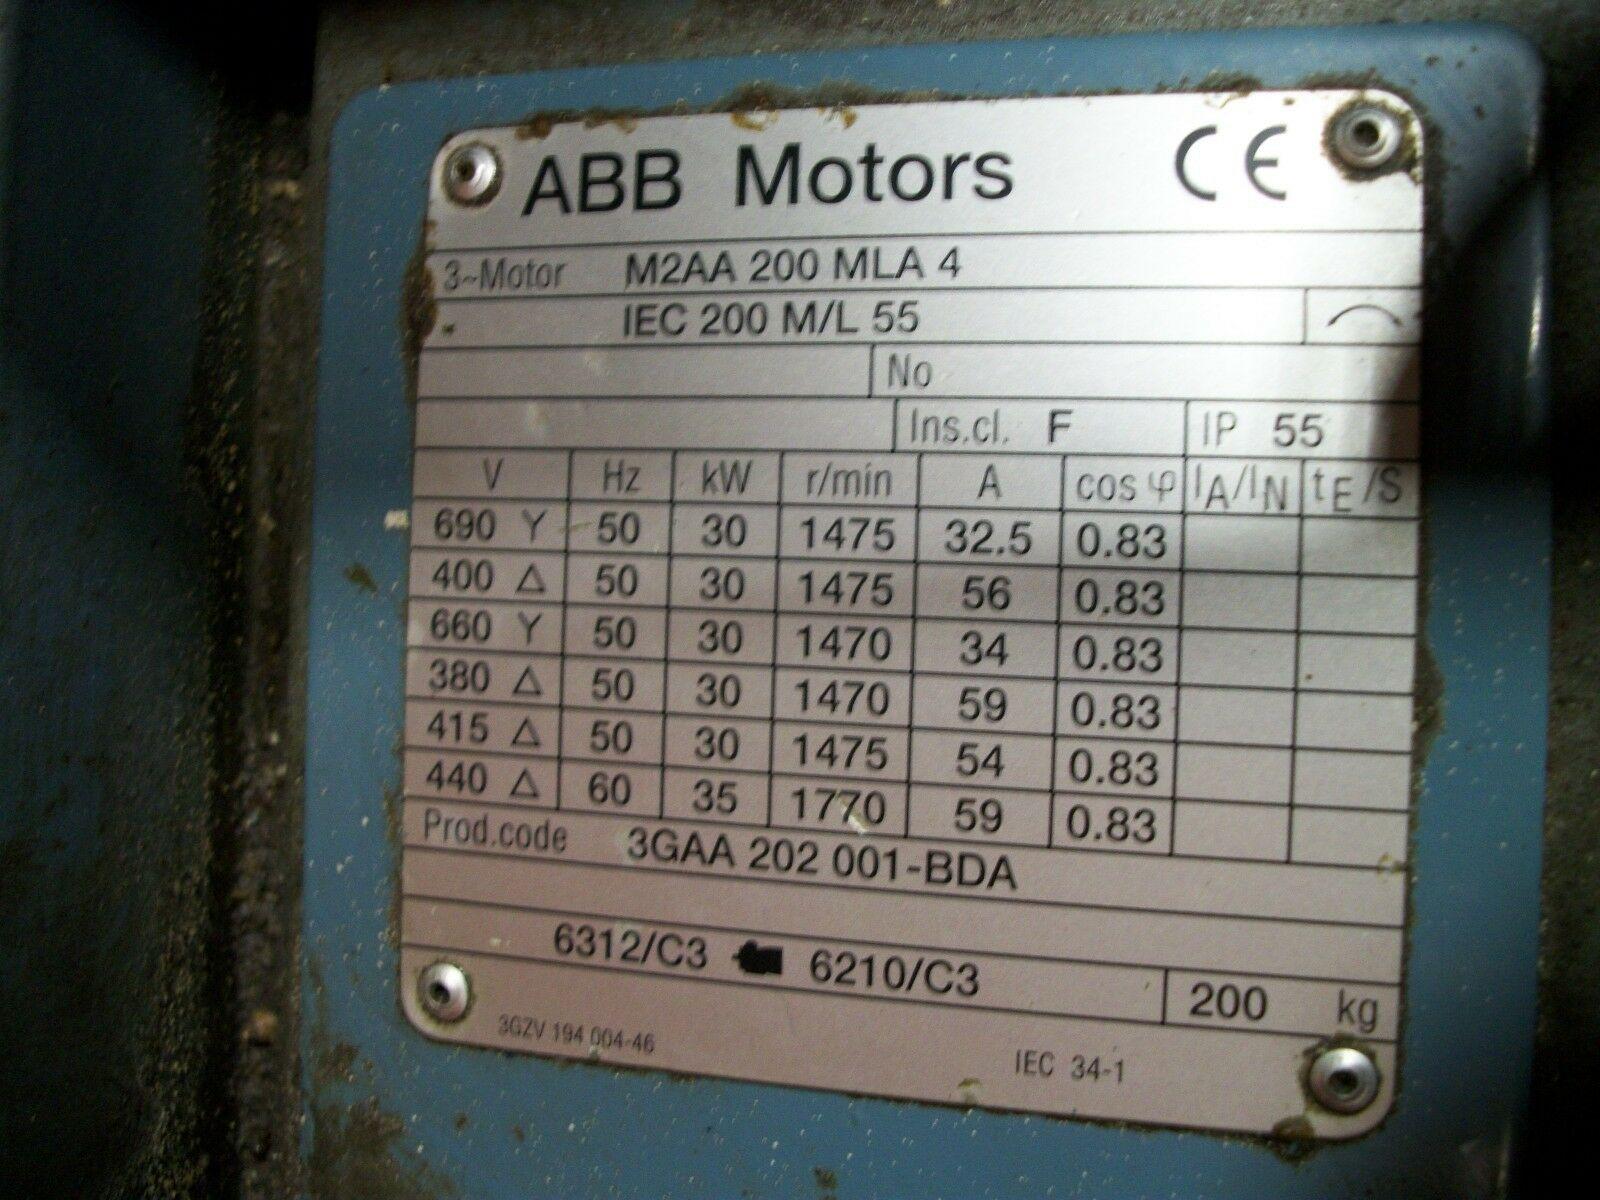 ABB 35KW Motor M2AA200MLA4, IEC 200 M/L55, Code 3Gaa202-001-BDA 440 Volt